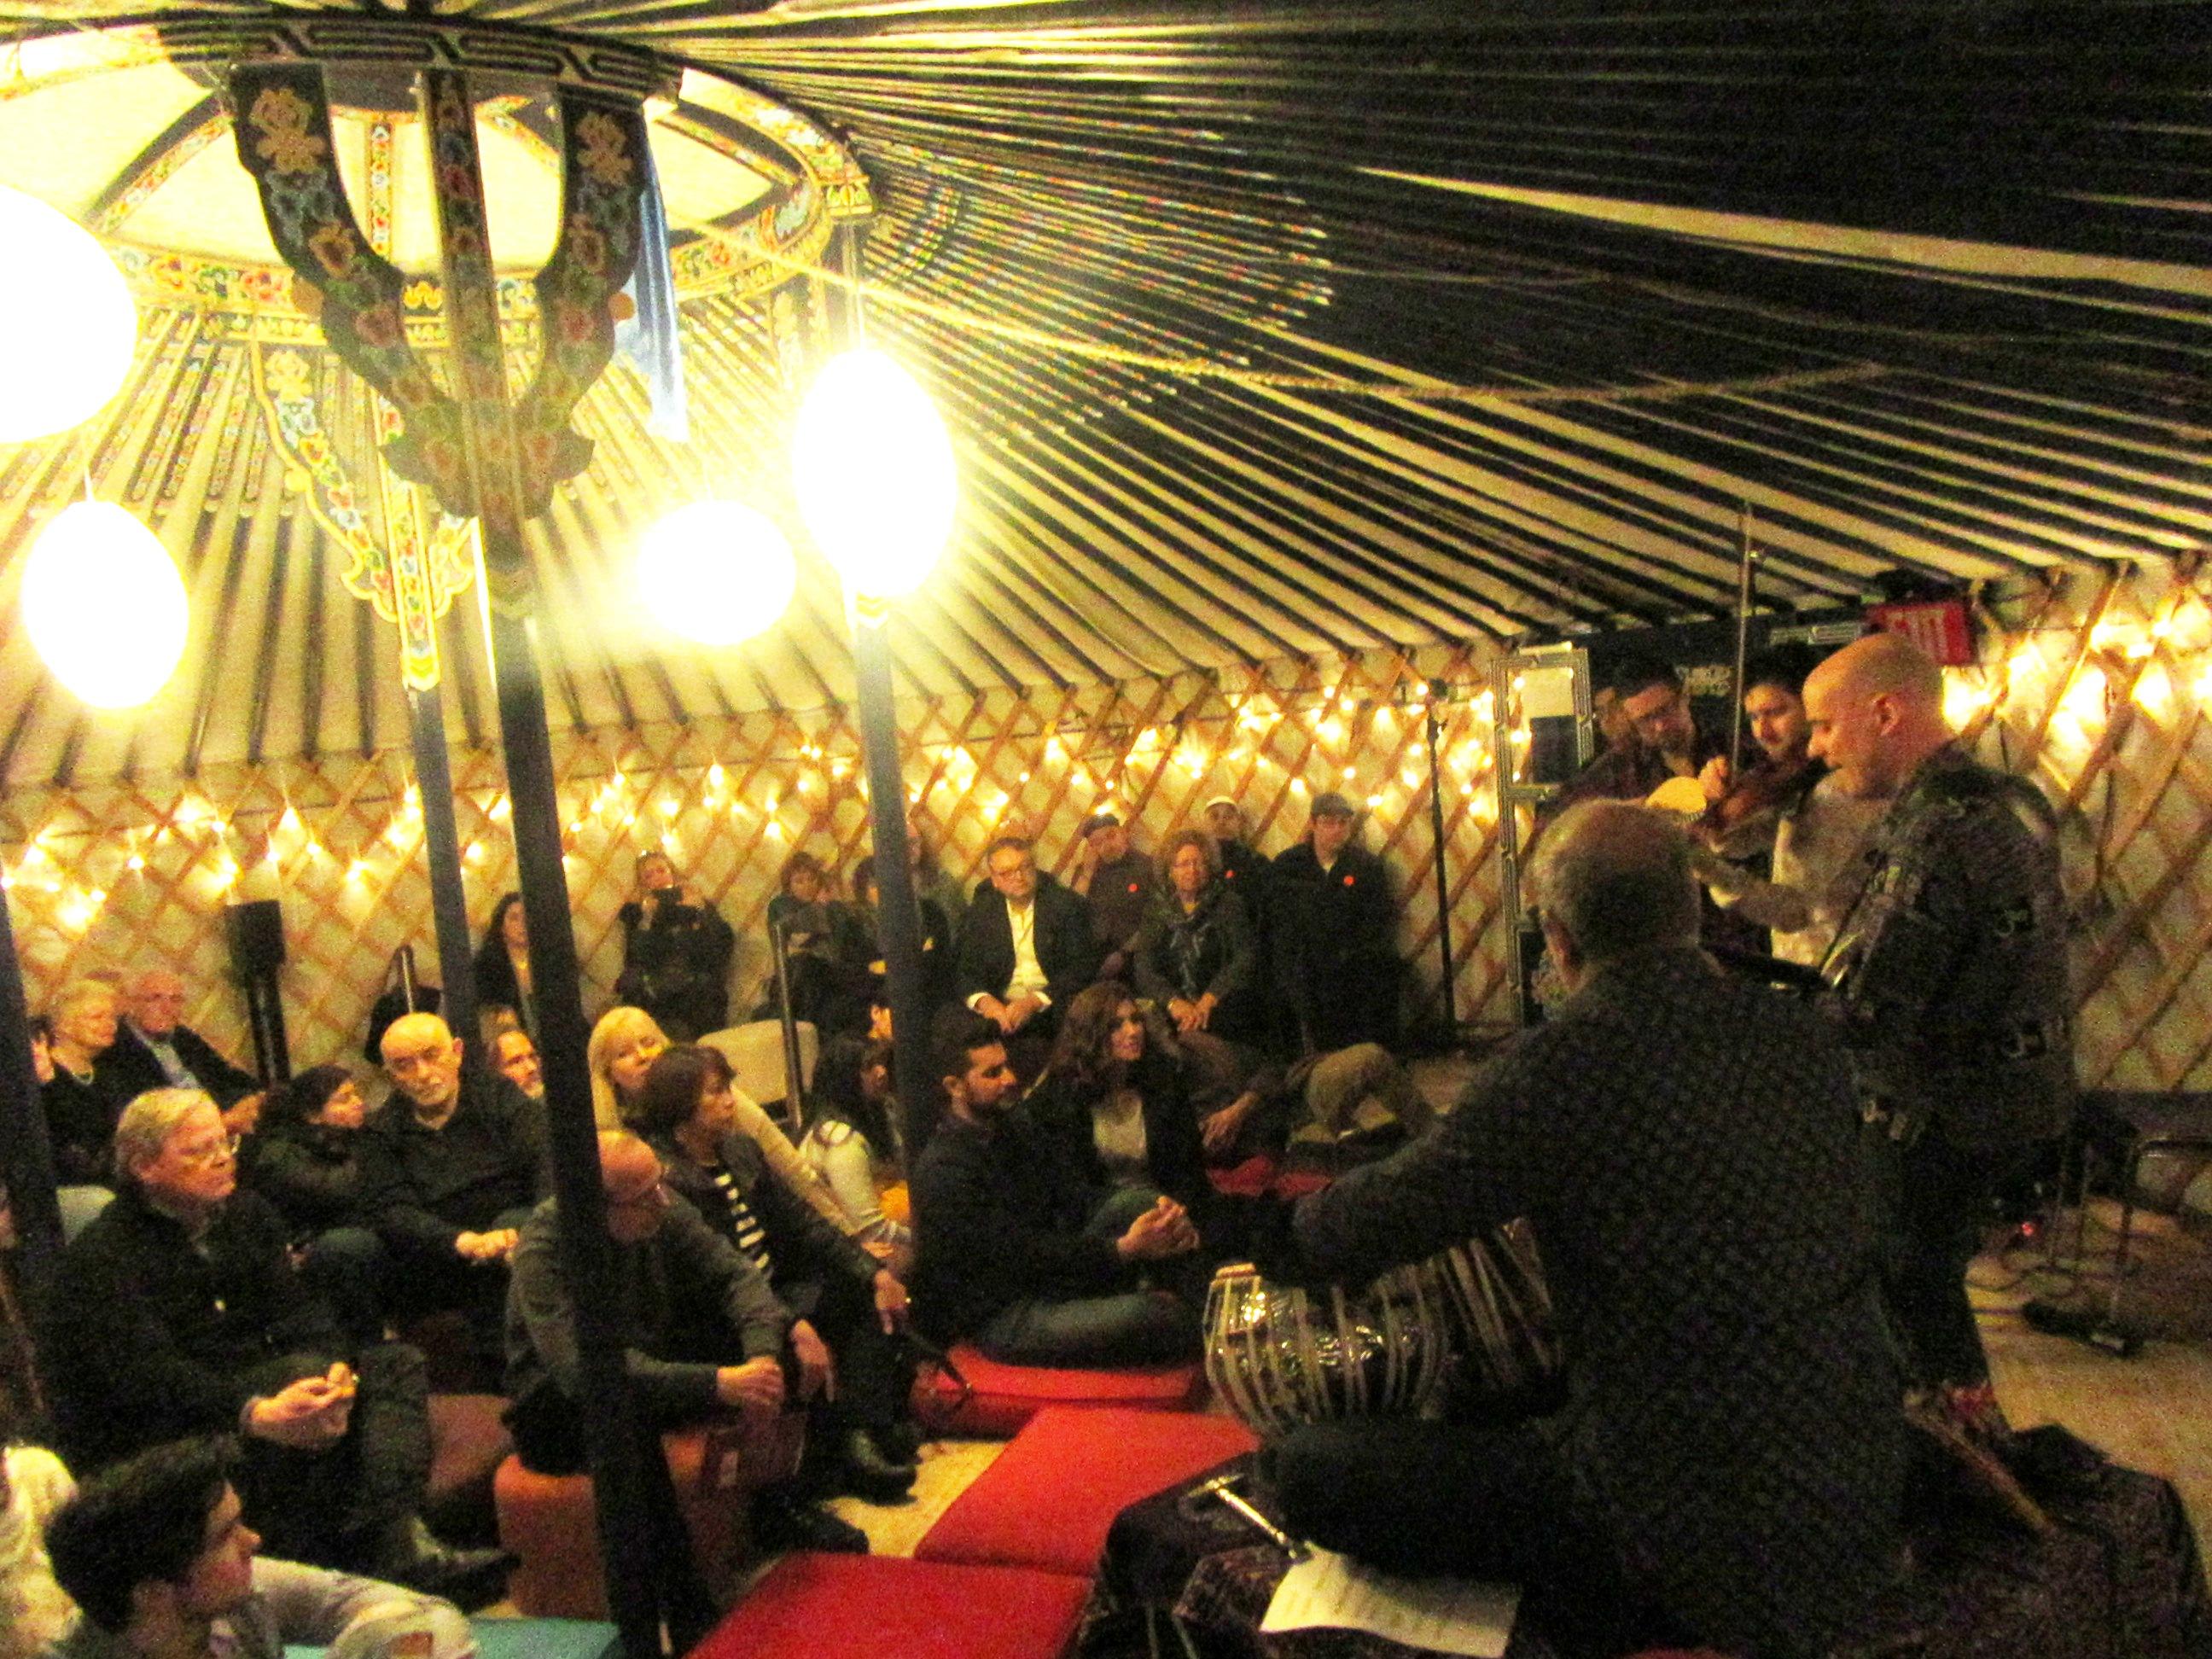 So Long Seven in Yurt